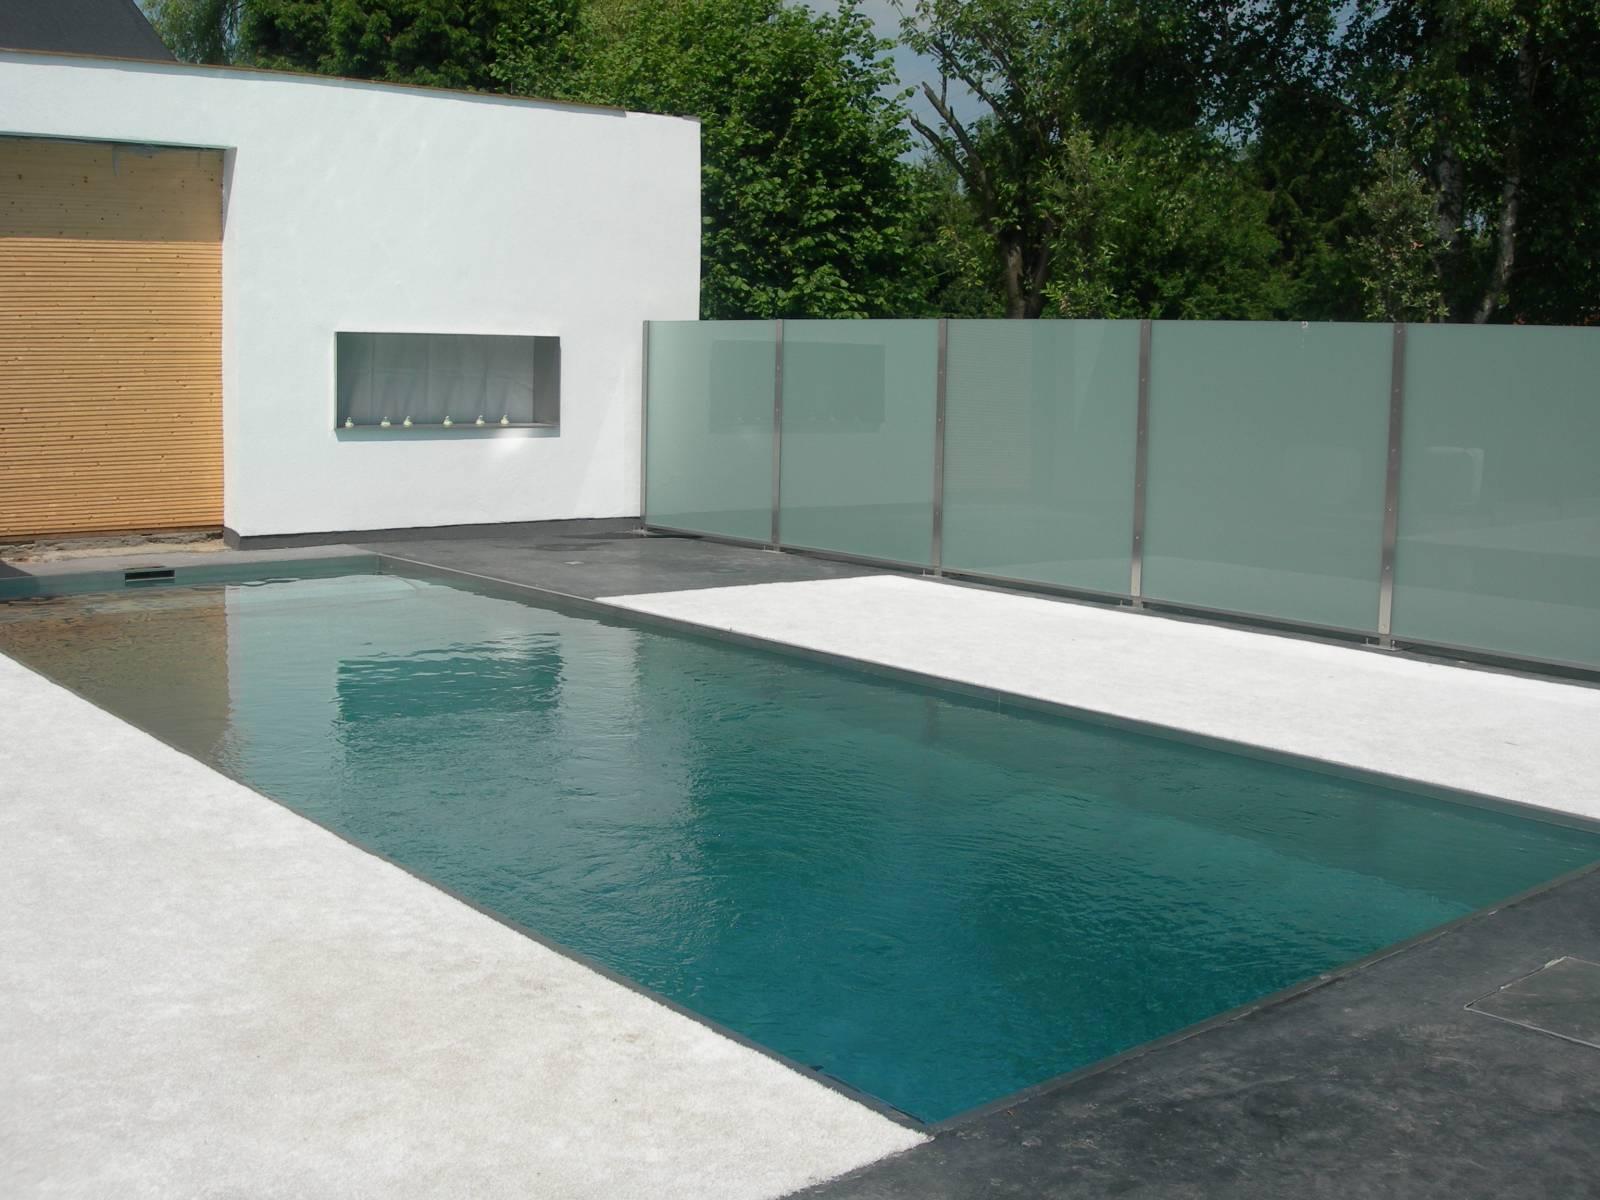 Zwembaden zwembadbouwer for Zwembad desing